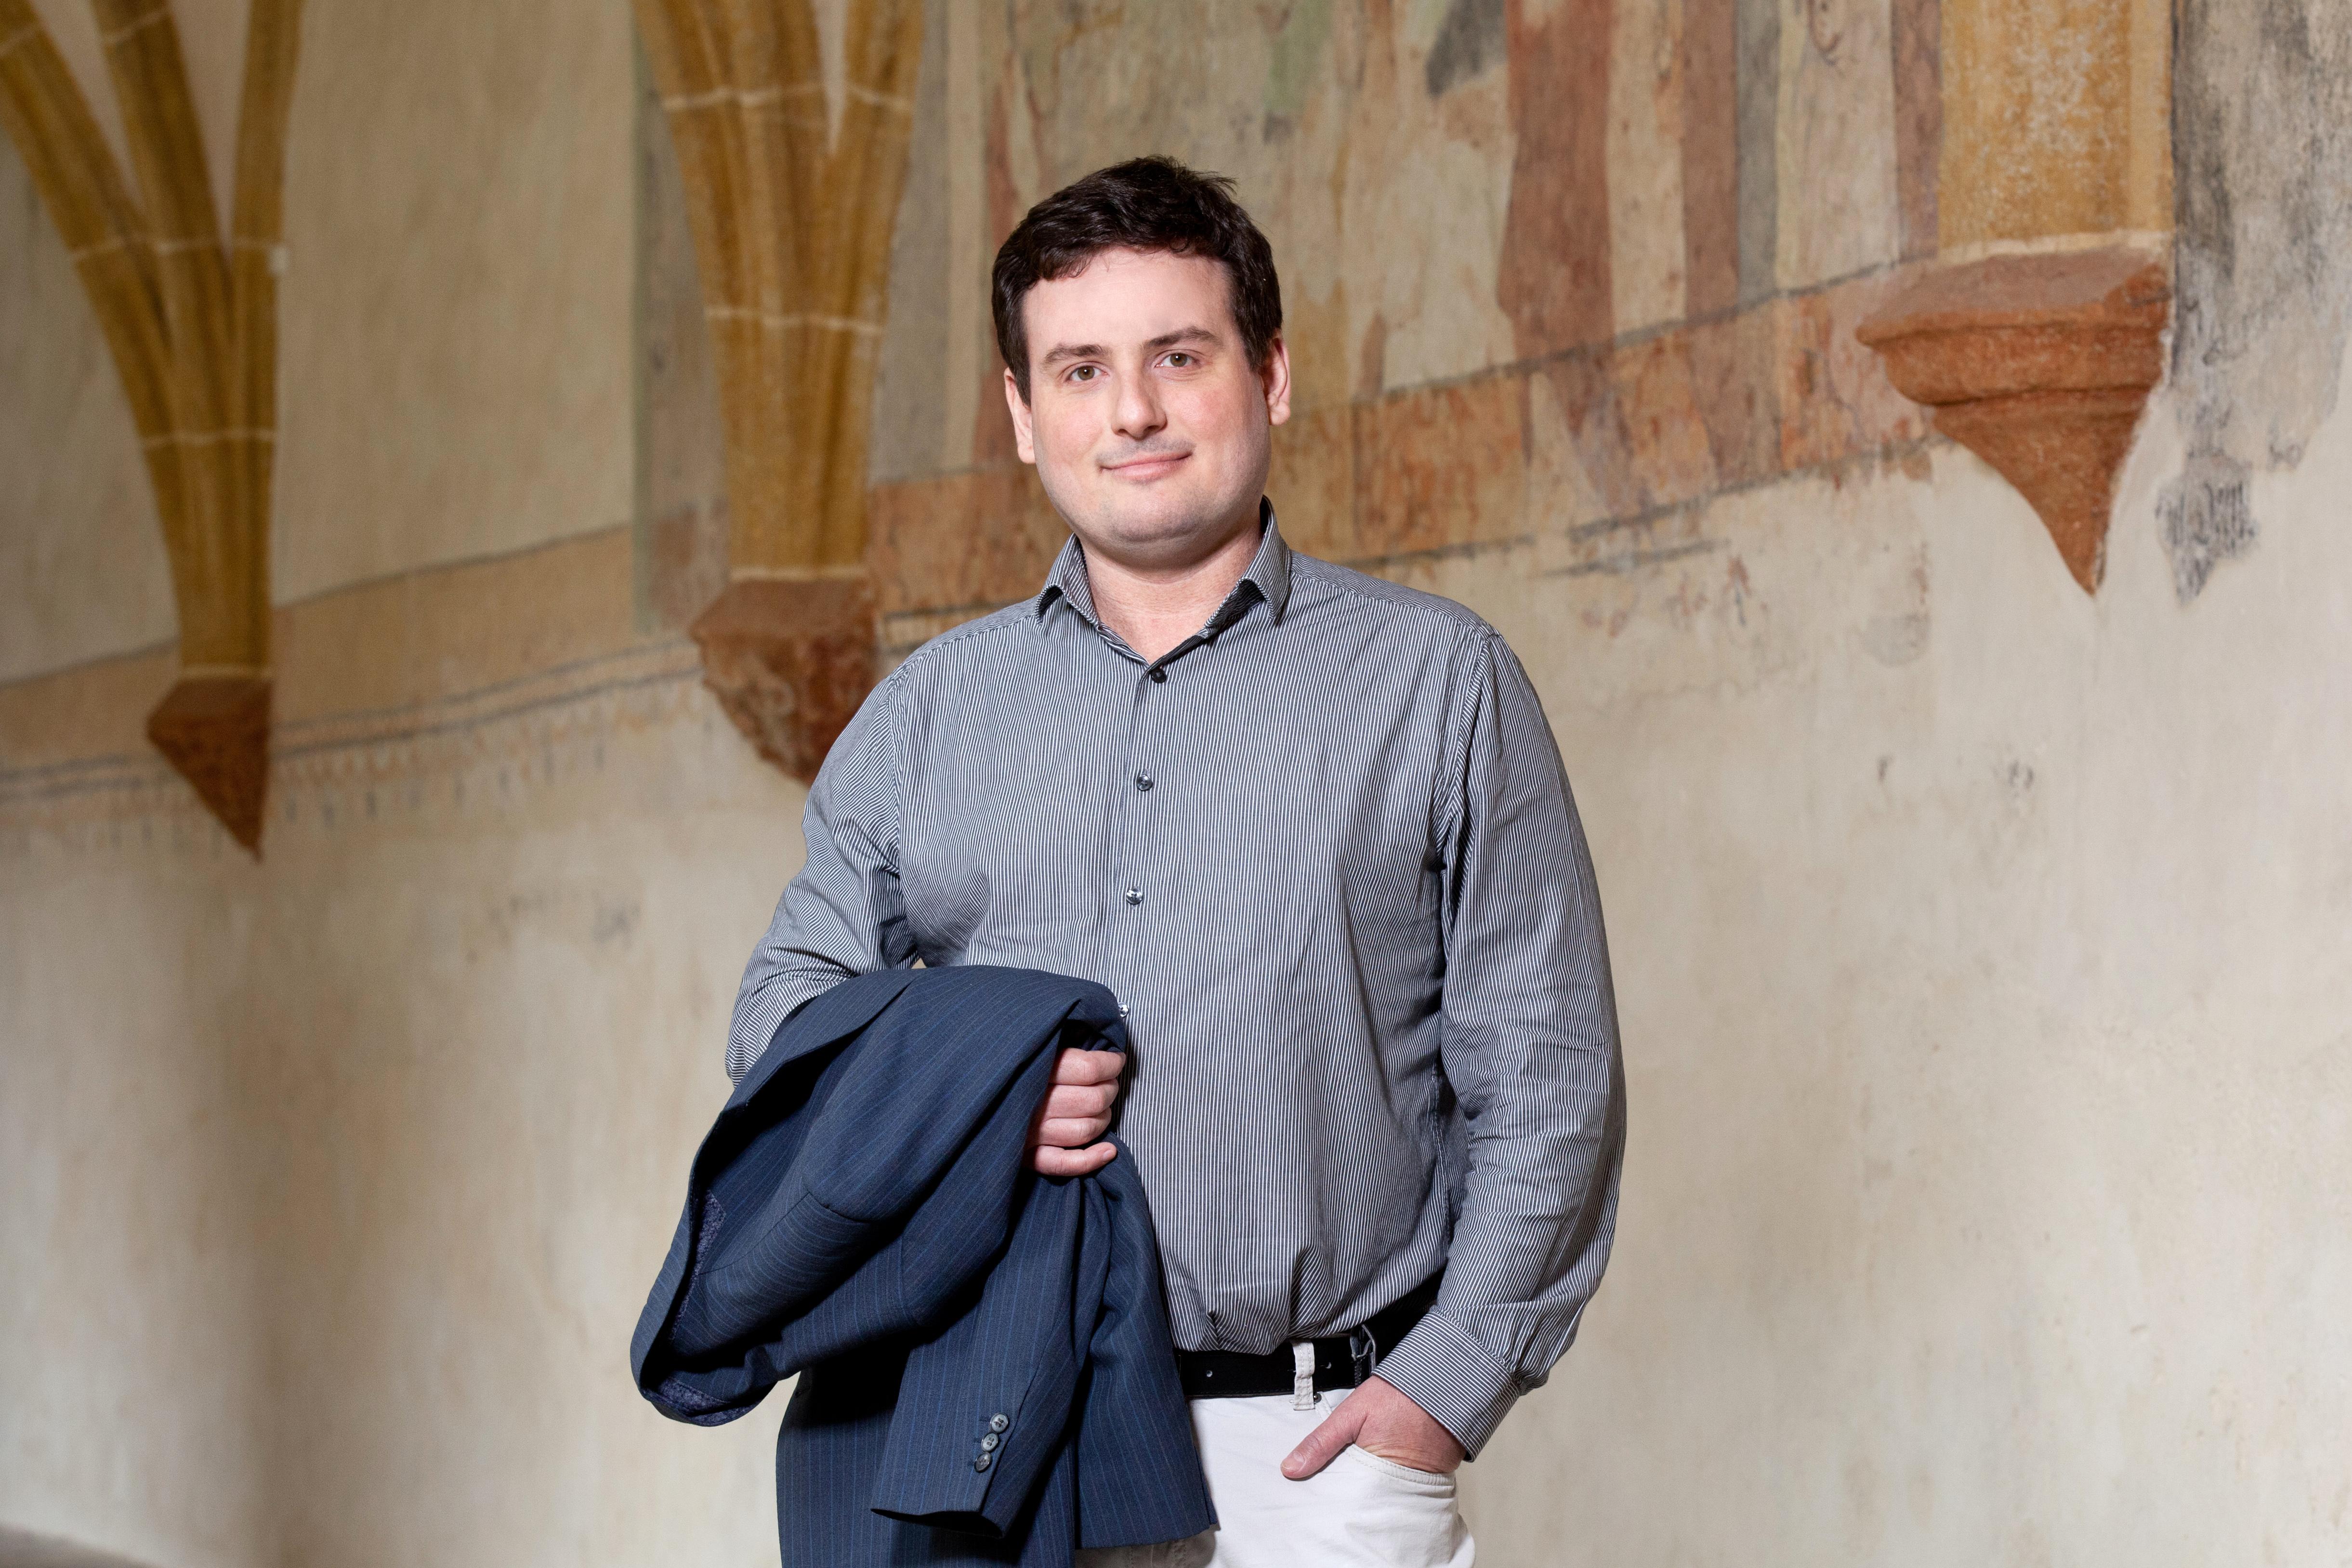 Doc. Michal Opatrný, Dr. theol. - vedoucí katedry etiky, psychologie a charitativní práce